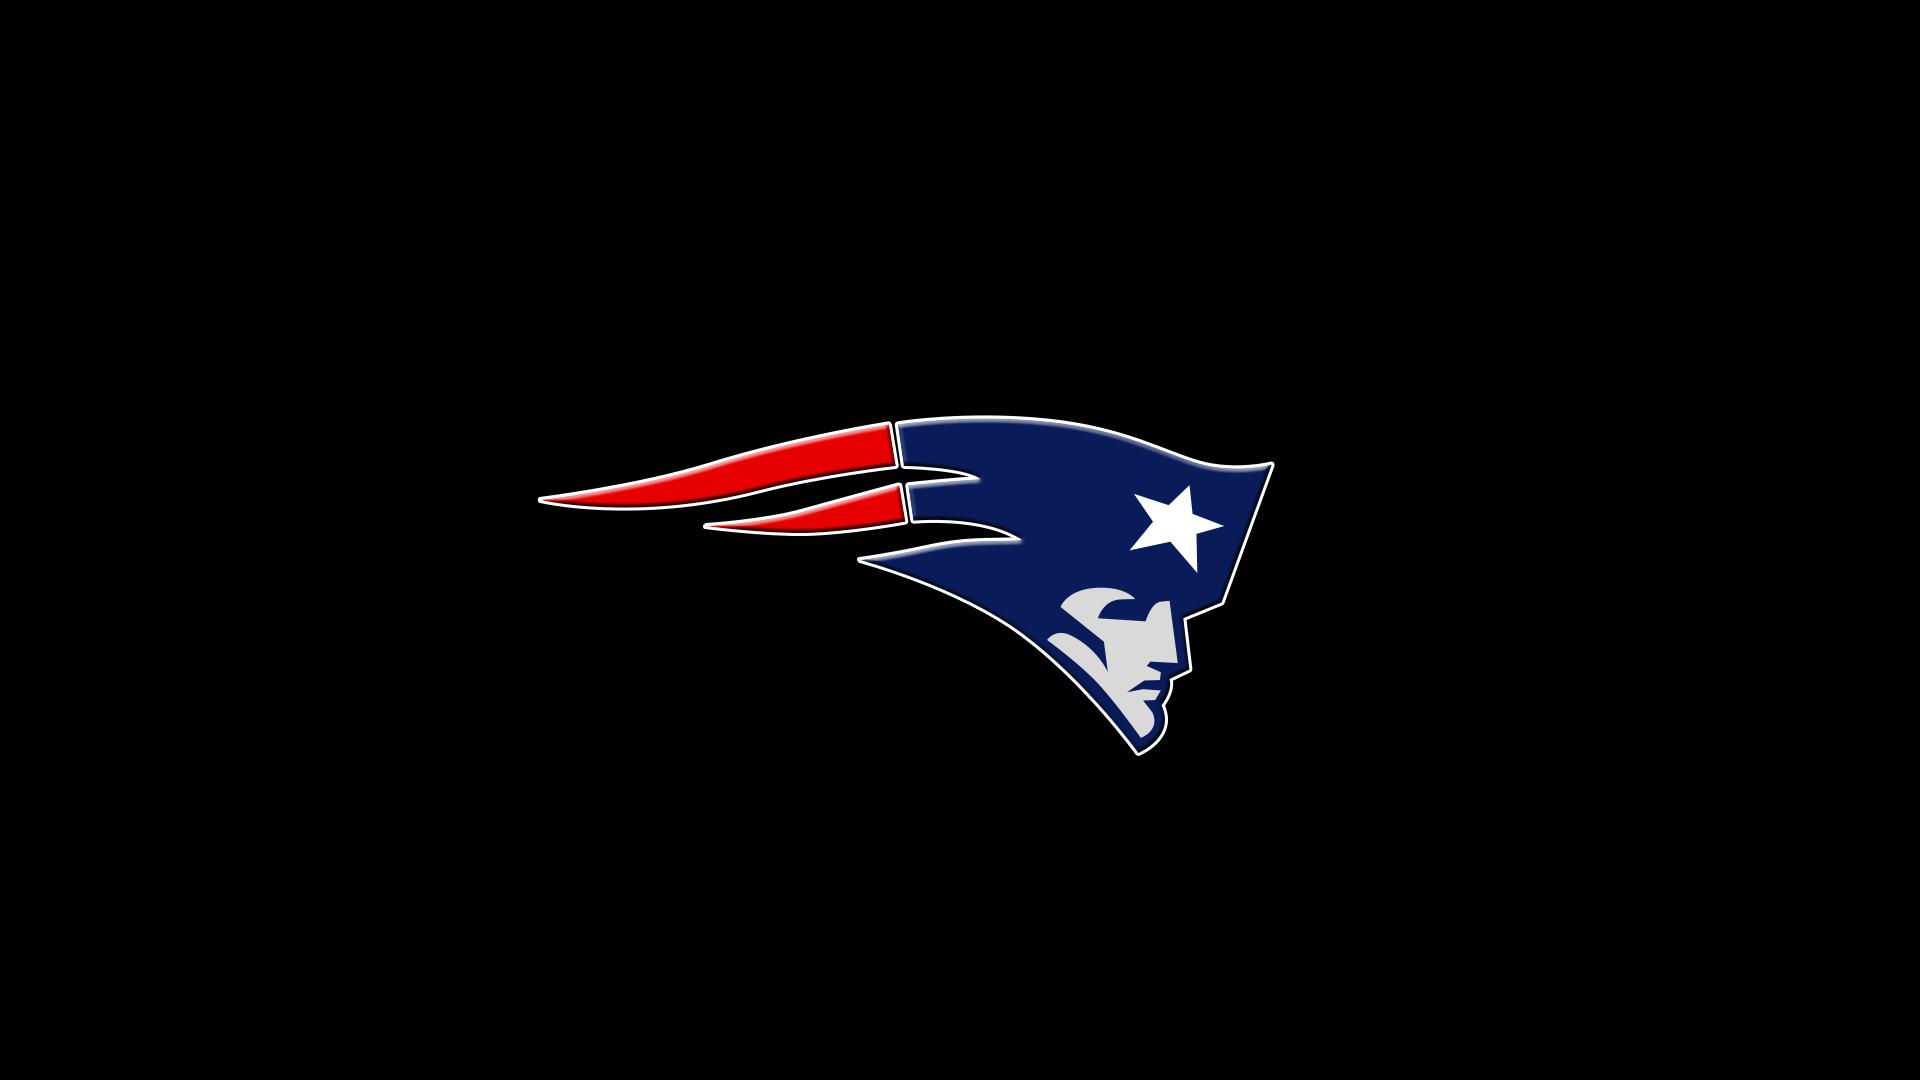 New England Patriots Phone Wallpaper | HD Wallpapers | Pinterest | Patriots  logo, Hd wallpaper and Wallpaper